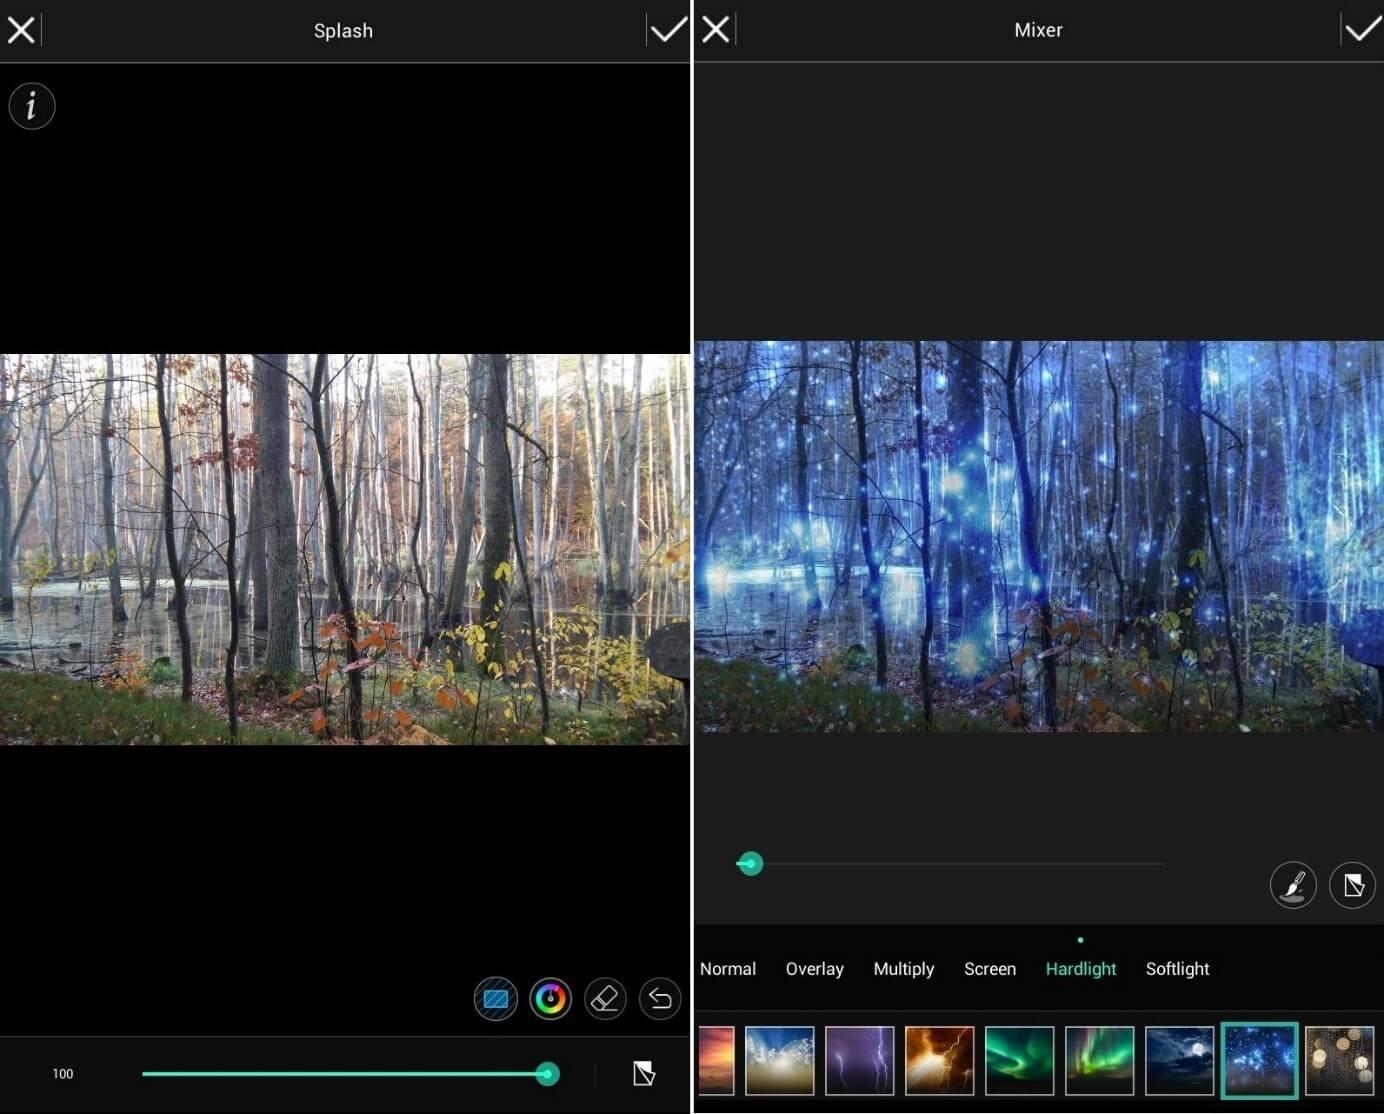 CyberLink PhotoDirector: Interfaz en un dispositivo Android